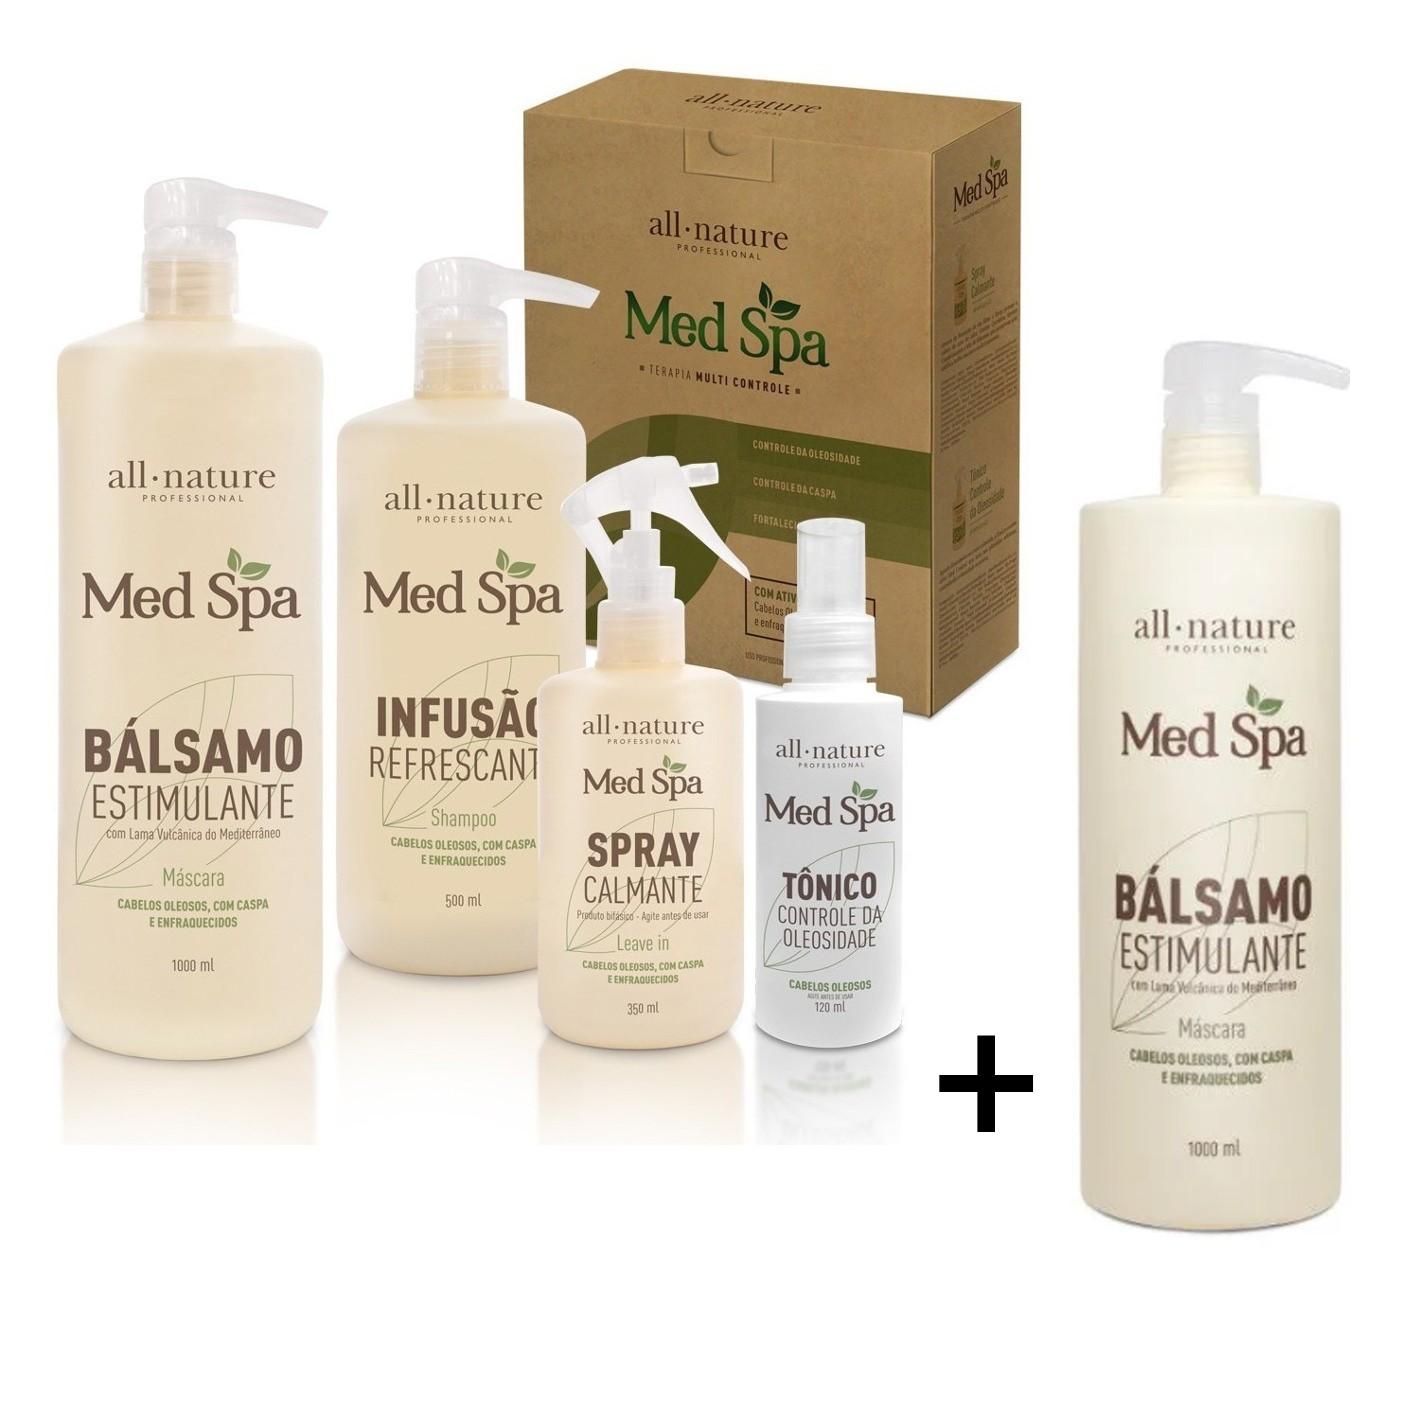 All Nature Kit Med Spa Terapia Capilar Com Lama Vulcânica e Aminoácidos,Tratamento dos Fios e Couro Cabeludo + 1 Balsamo Estimulante 1000ml